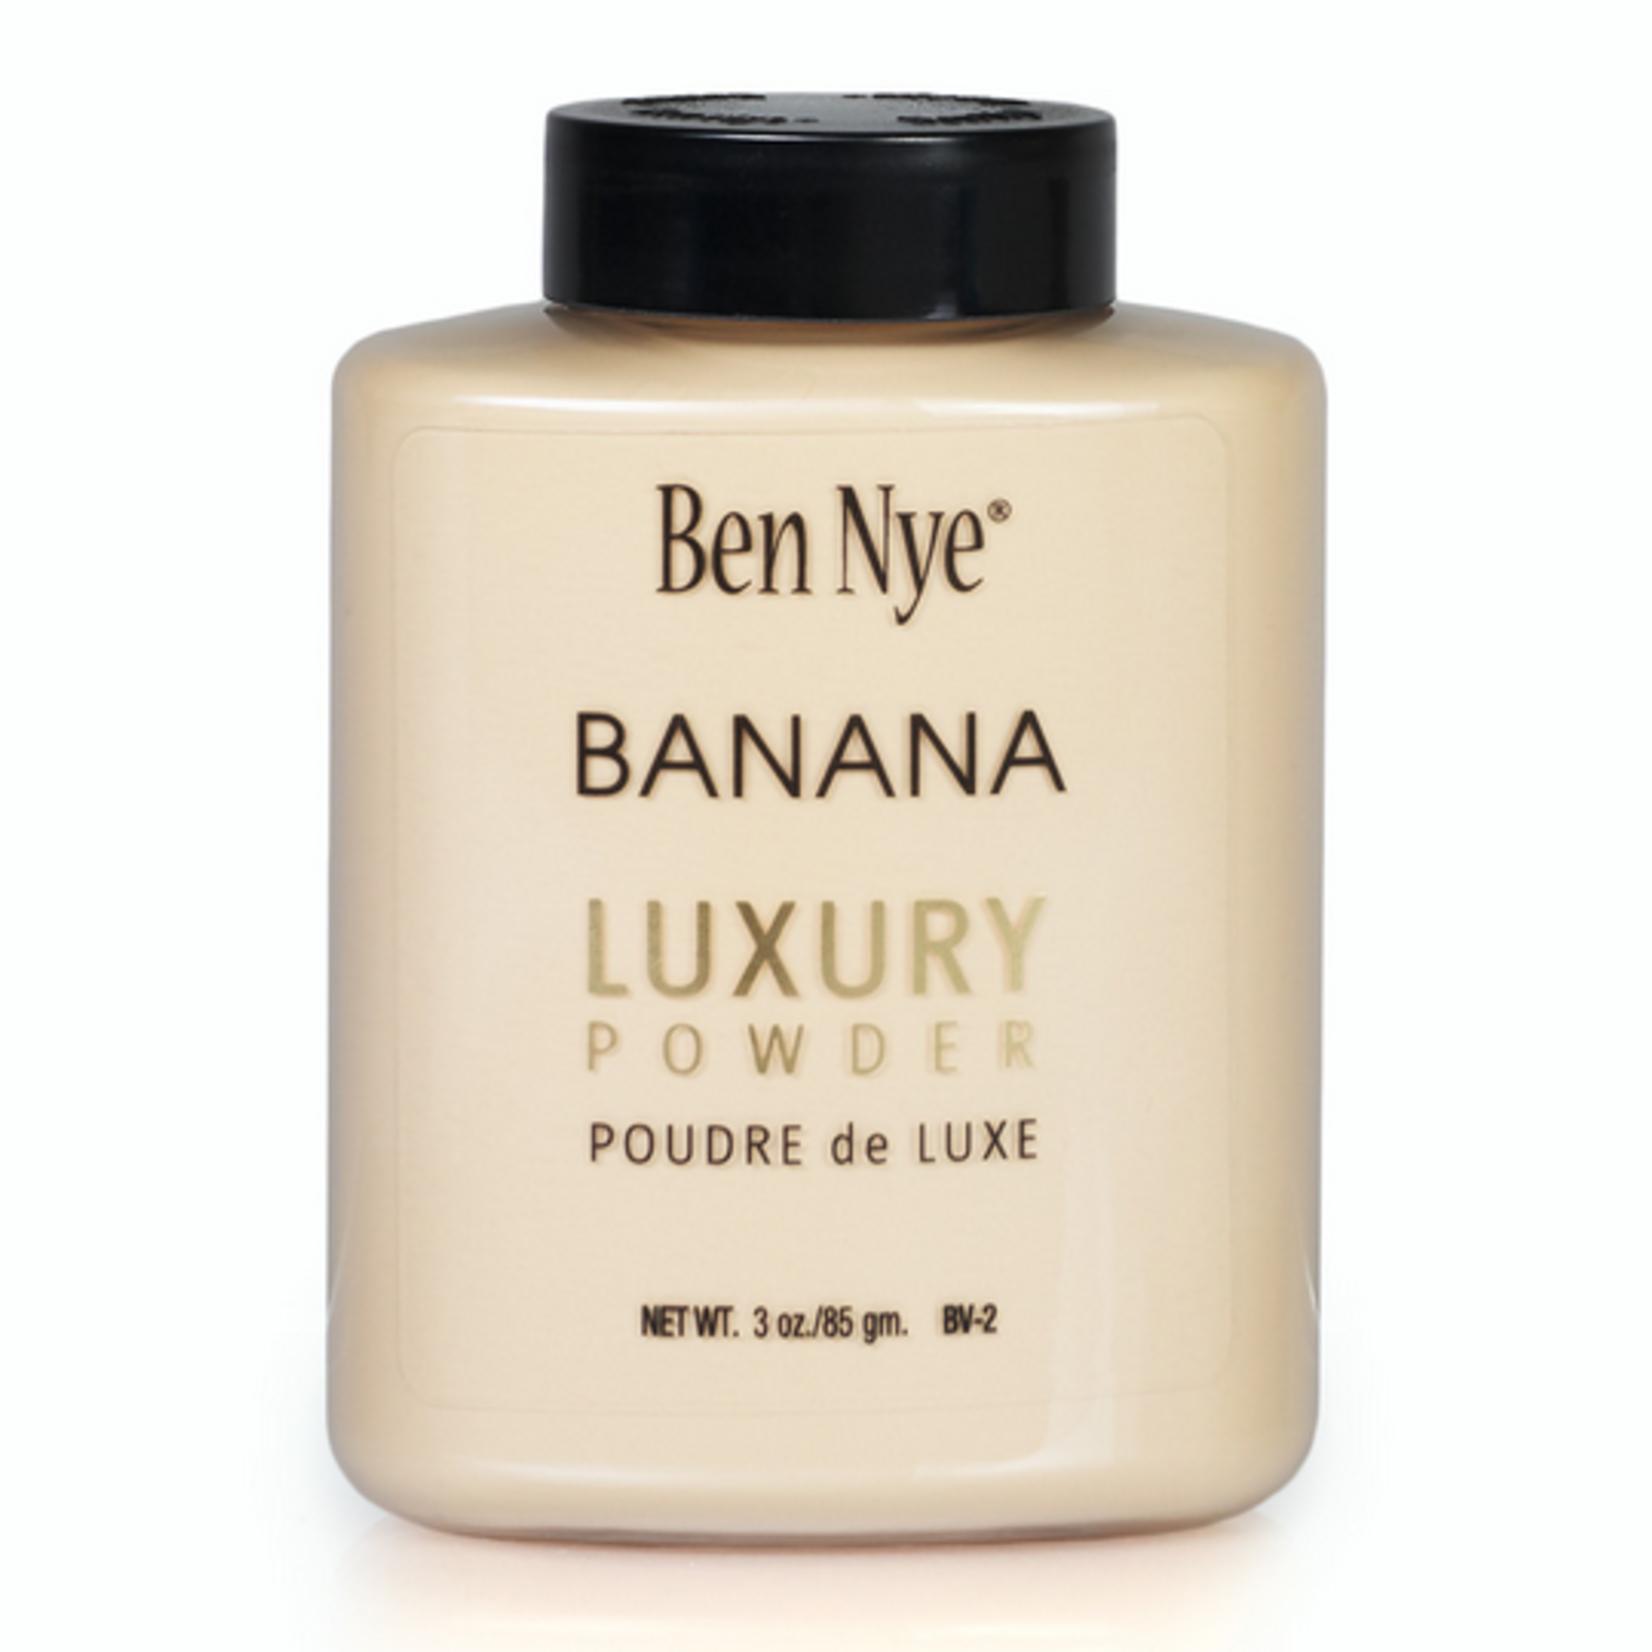 Ben Nye Ben Nye Banana Luxury Powder Jar